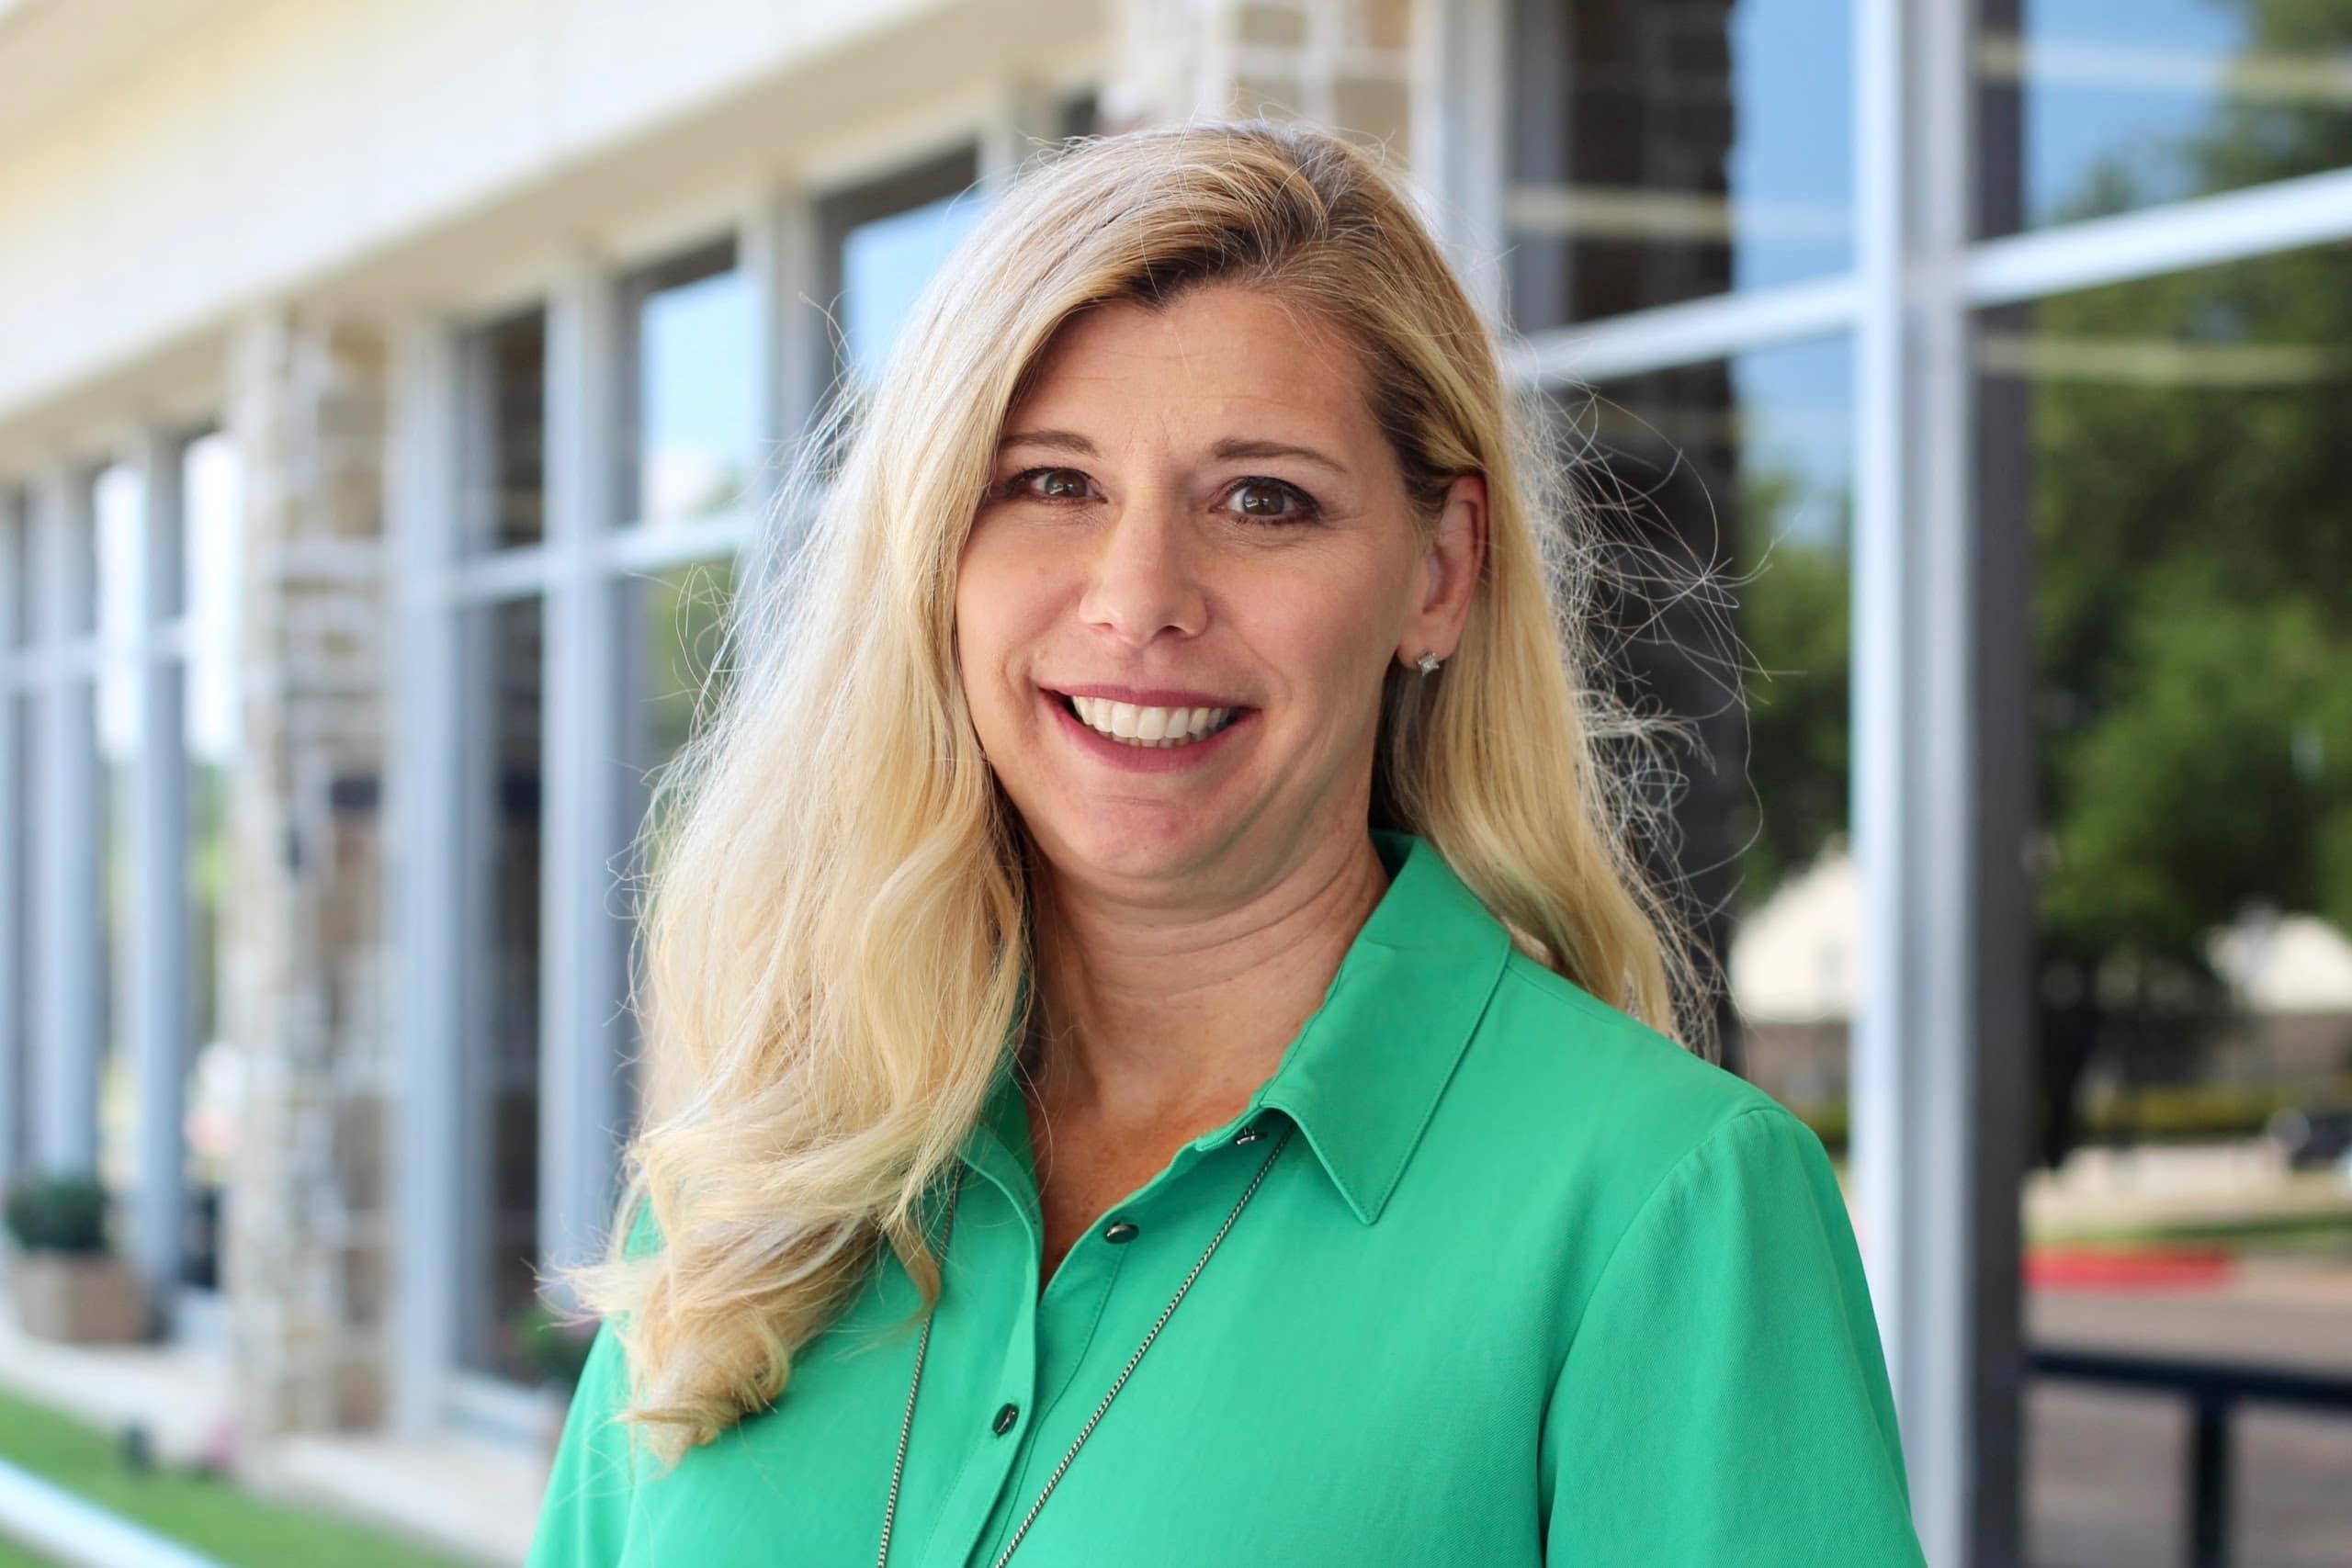 Amy Waller, RN, MSN, CENP